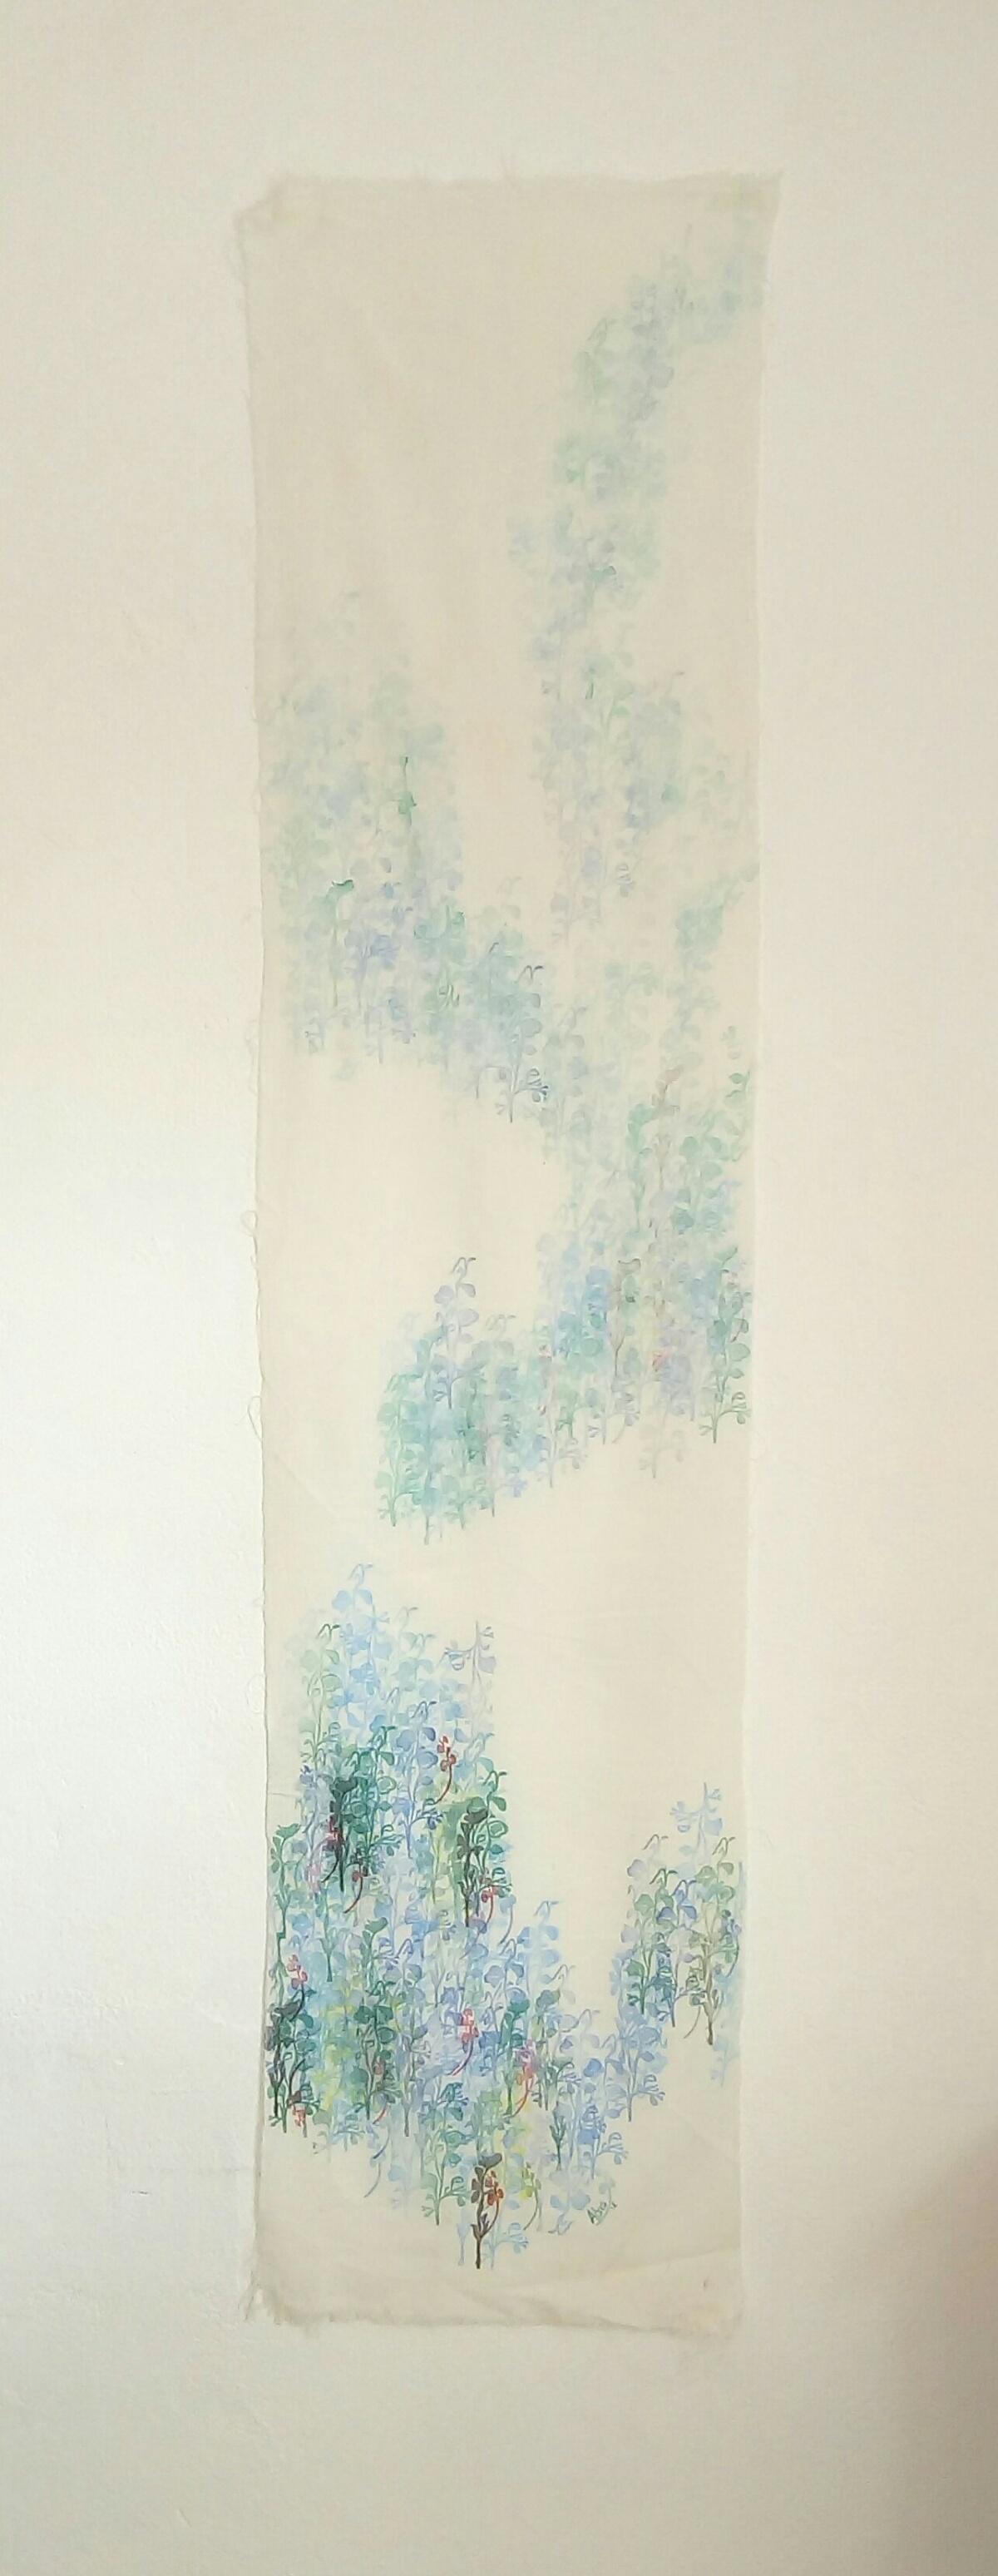 """Recorrido. De la serie """"Los trayectos del paisaje"""" (2018) - Anabela Bres"""